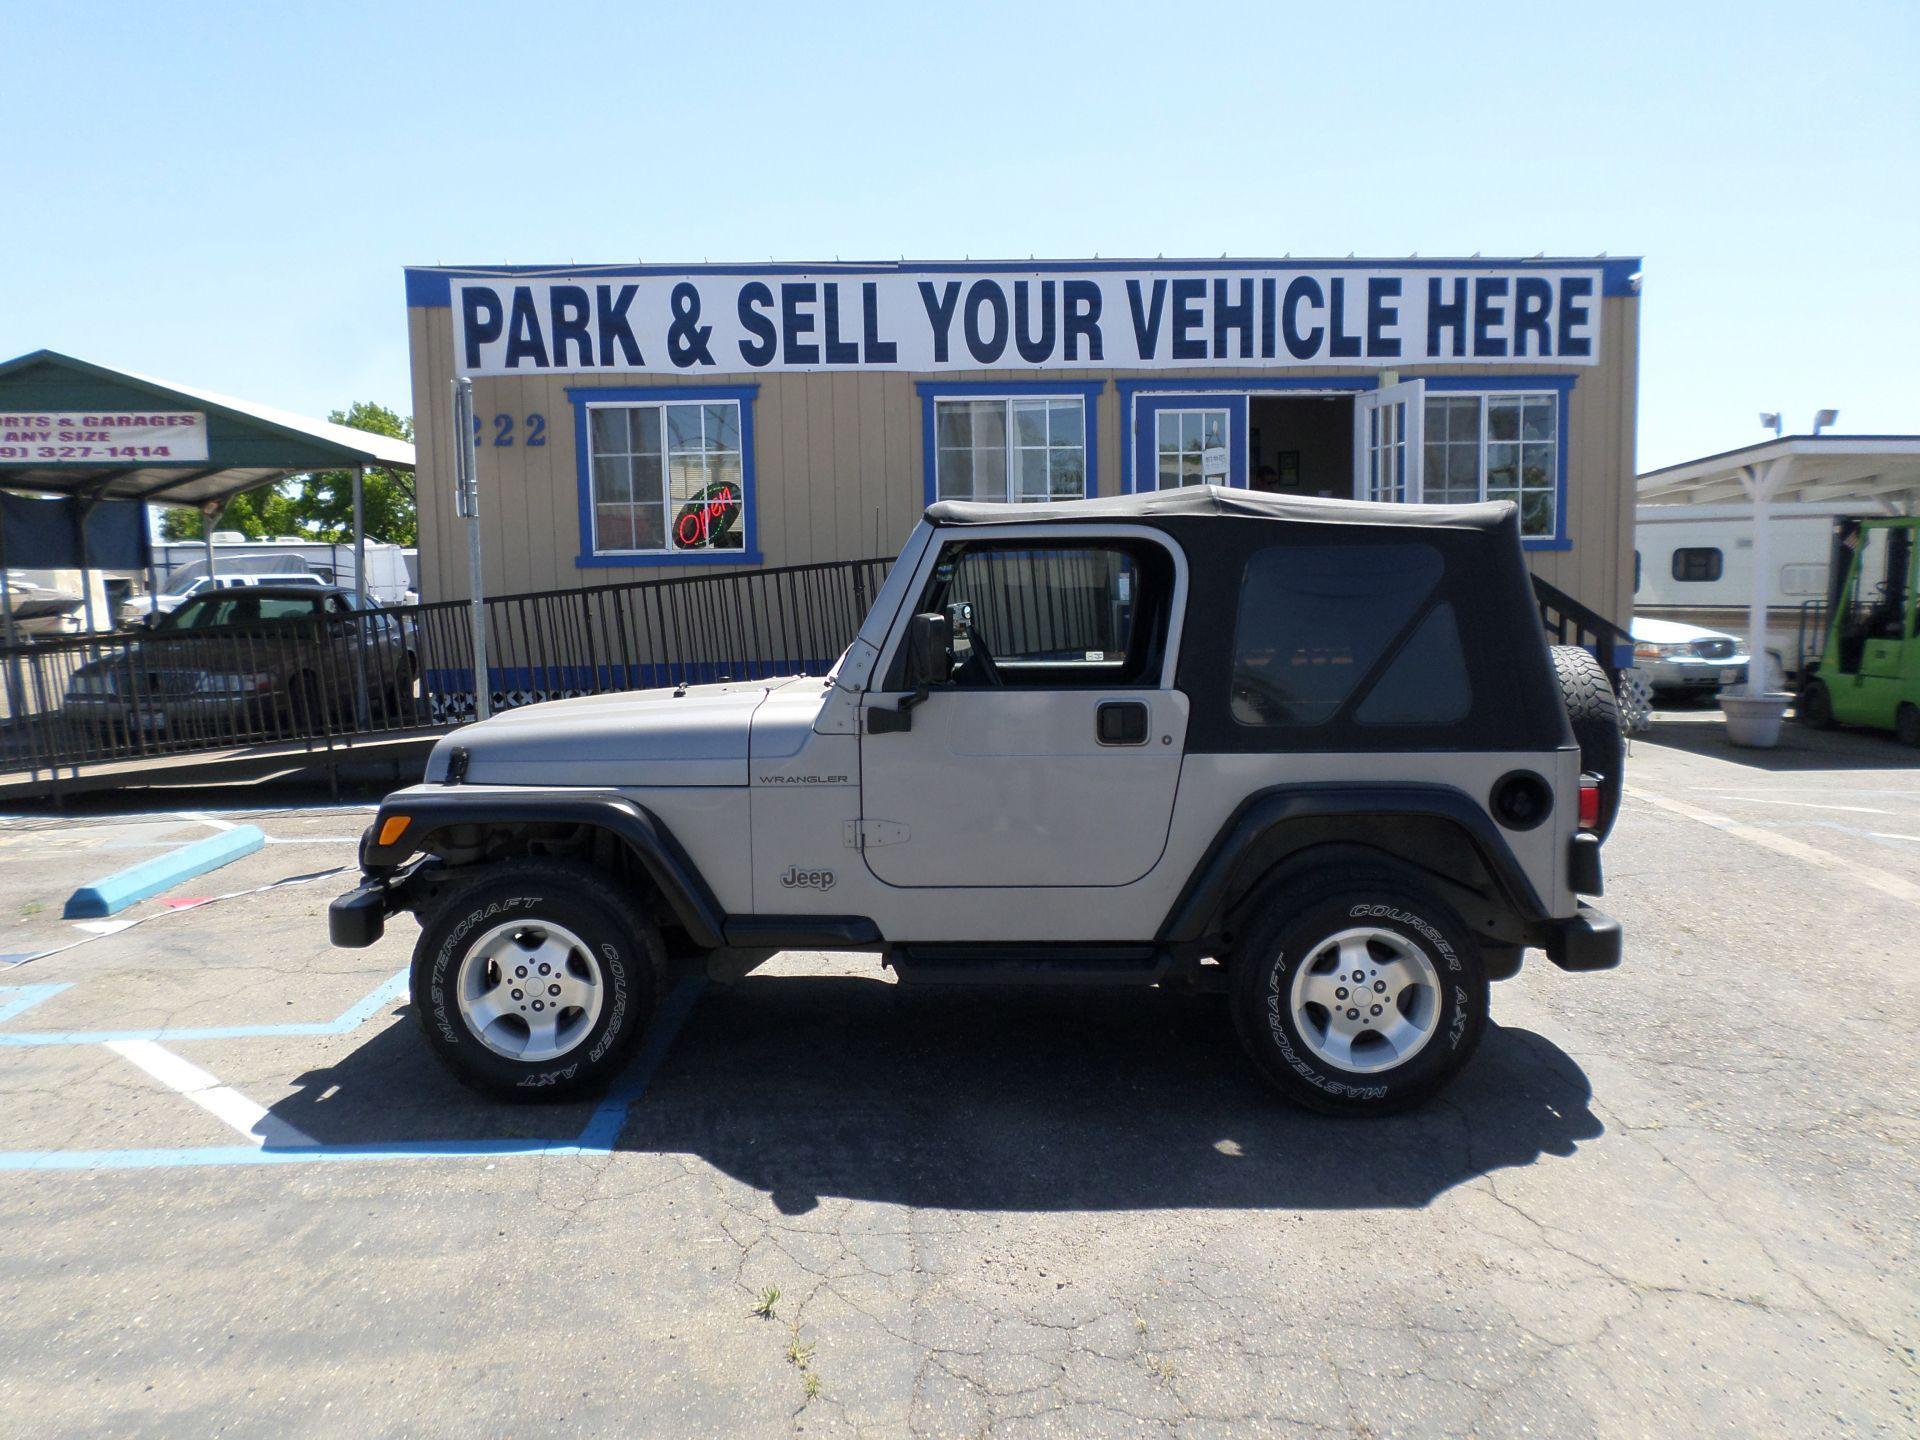 2001 Jeep Wrangler Jeep Wrangler 2001 Jeep Wrangler Suv For Sale